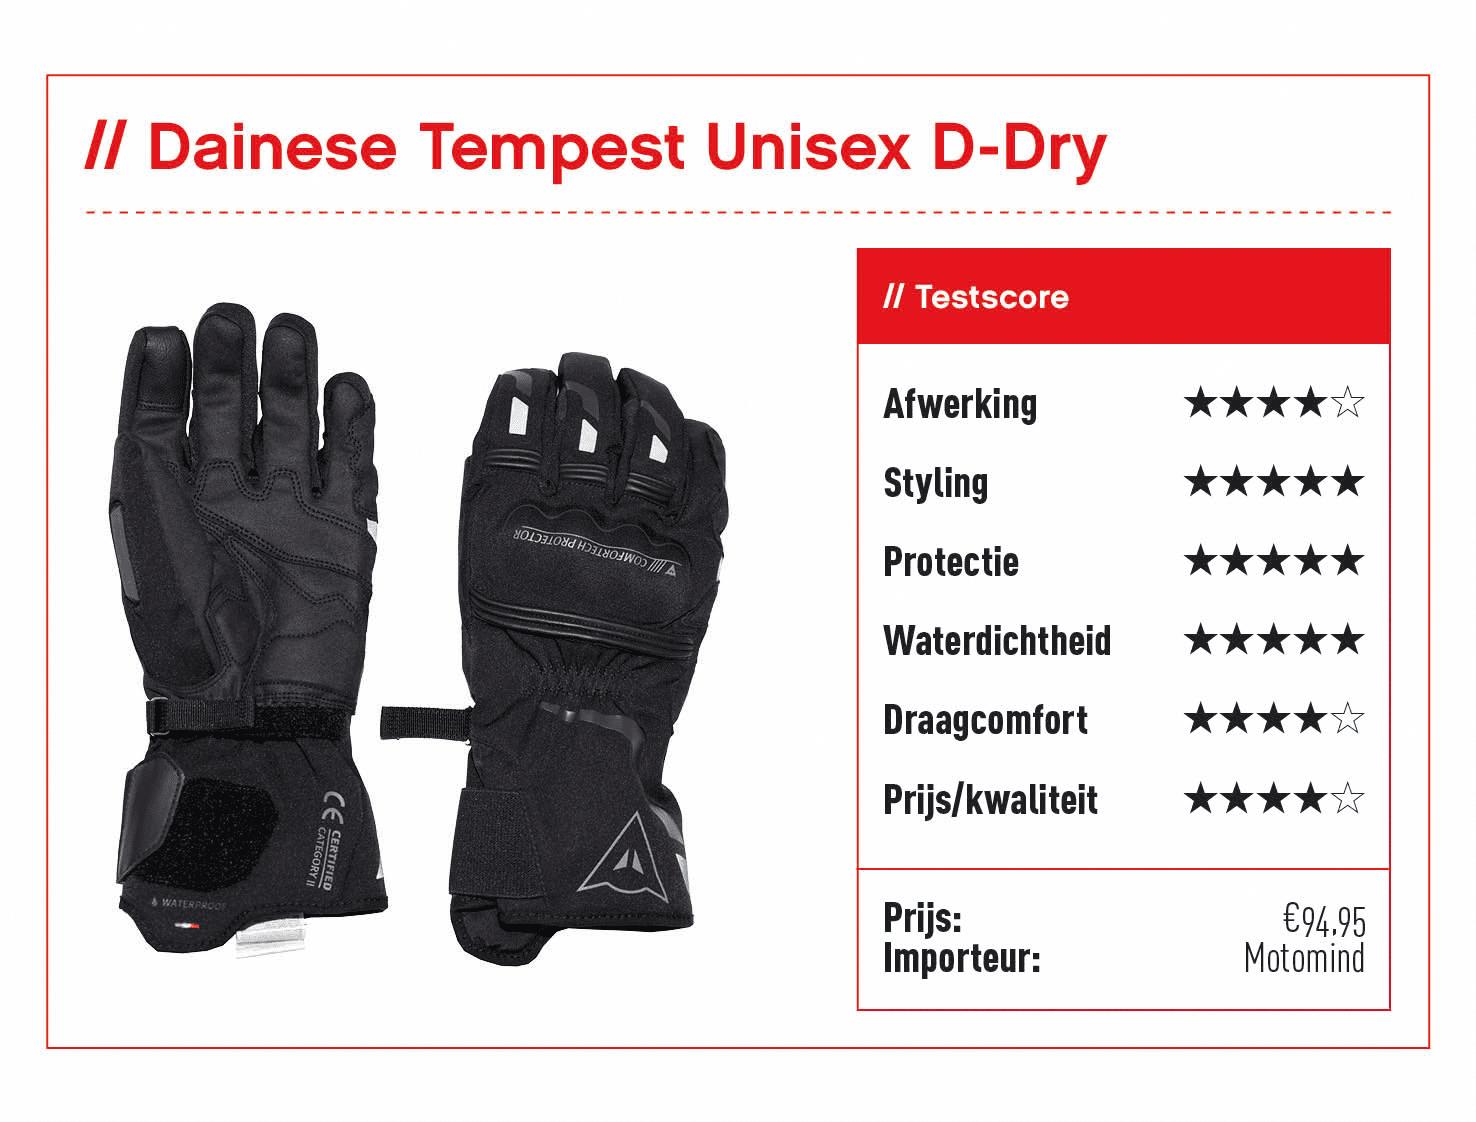 Dainese Tempest Unisex D-Dry handschoenen met score